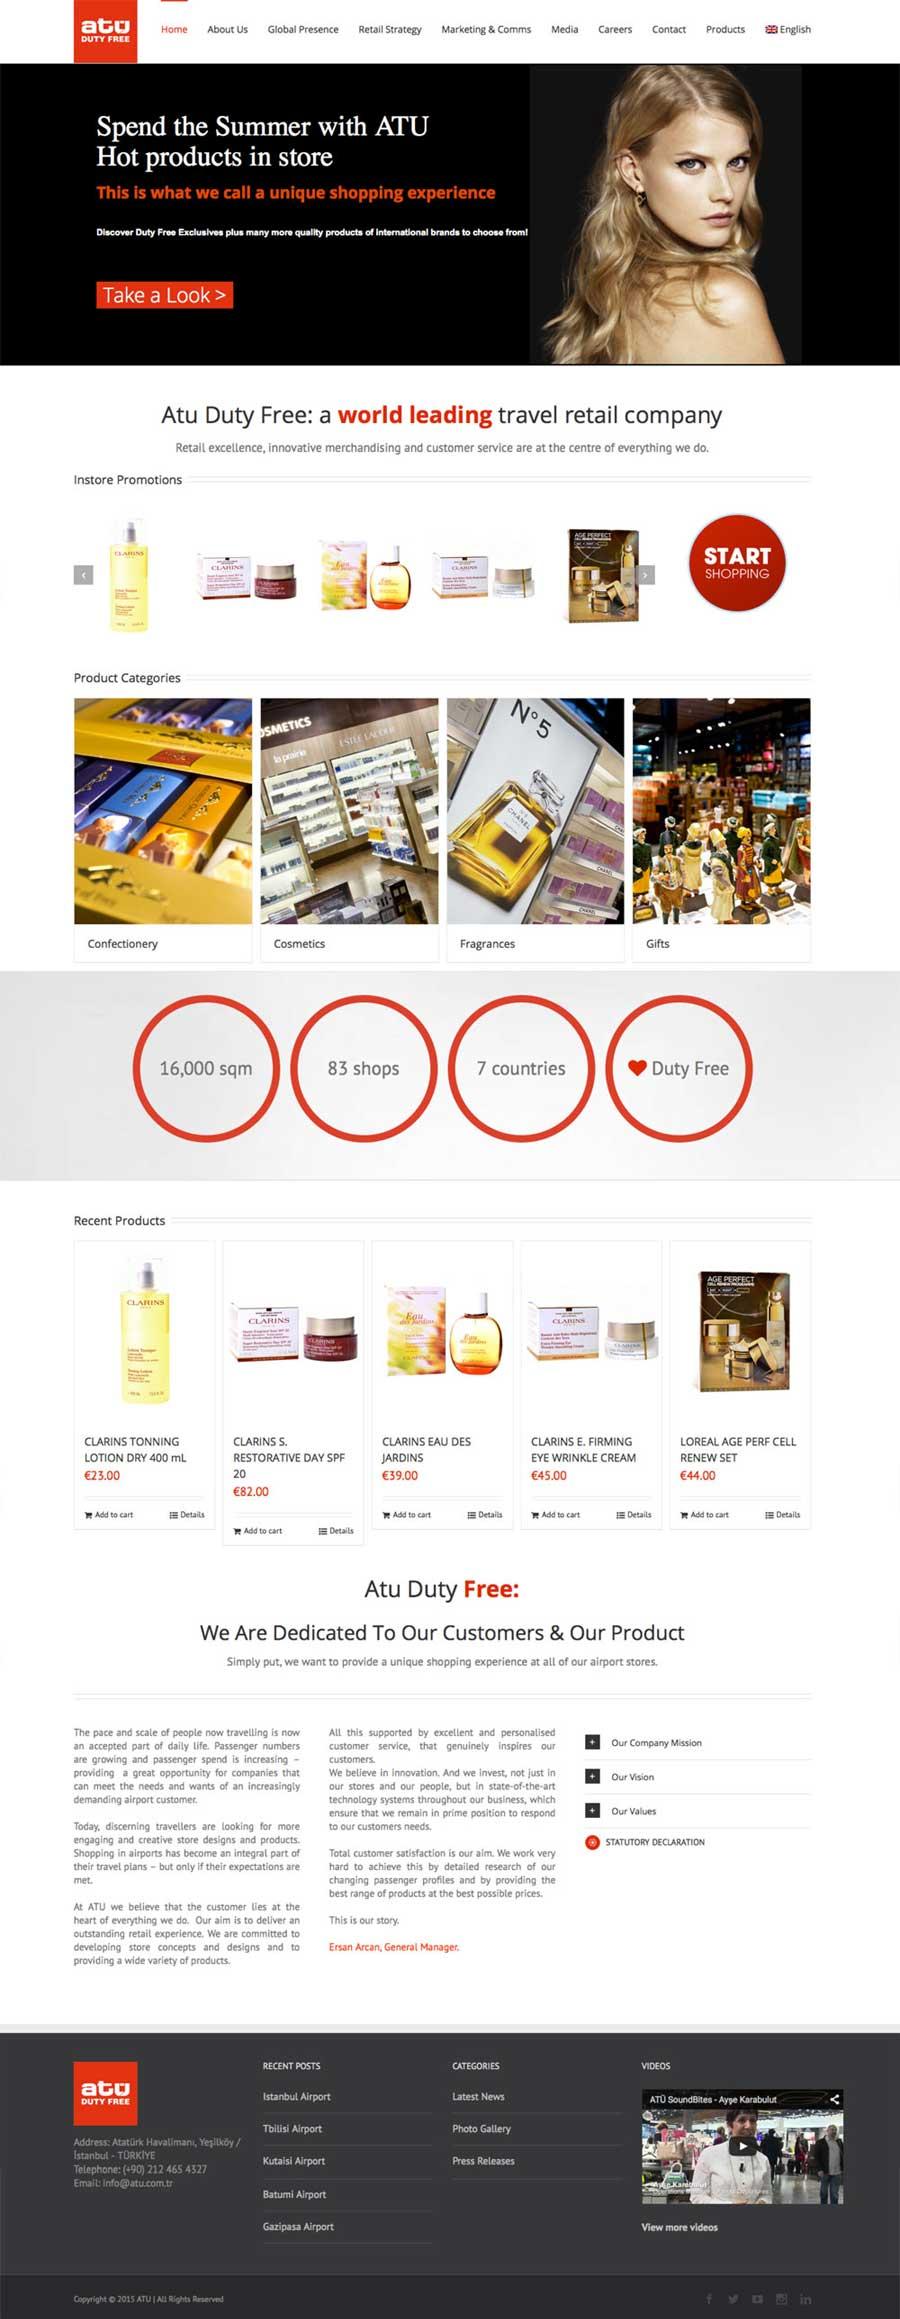 atu-duty-free-website-design-disenoideas